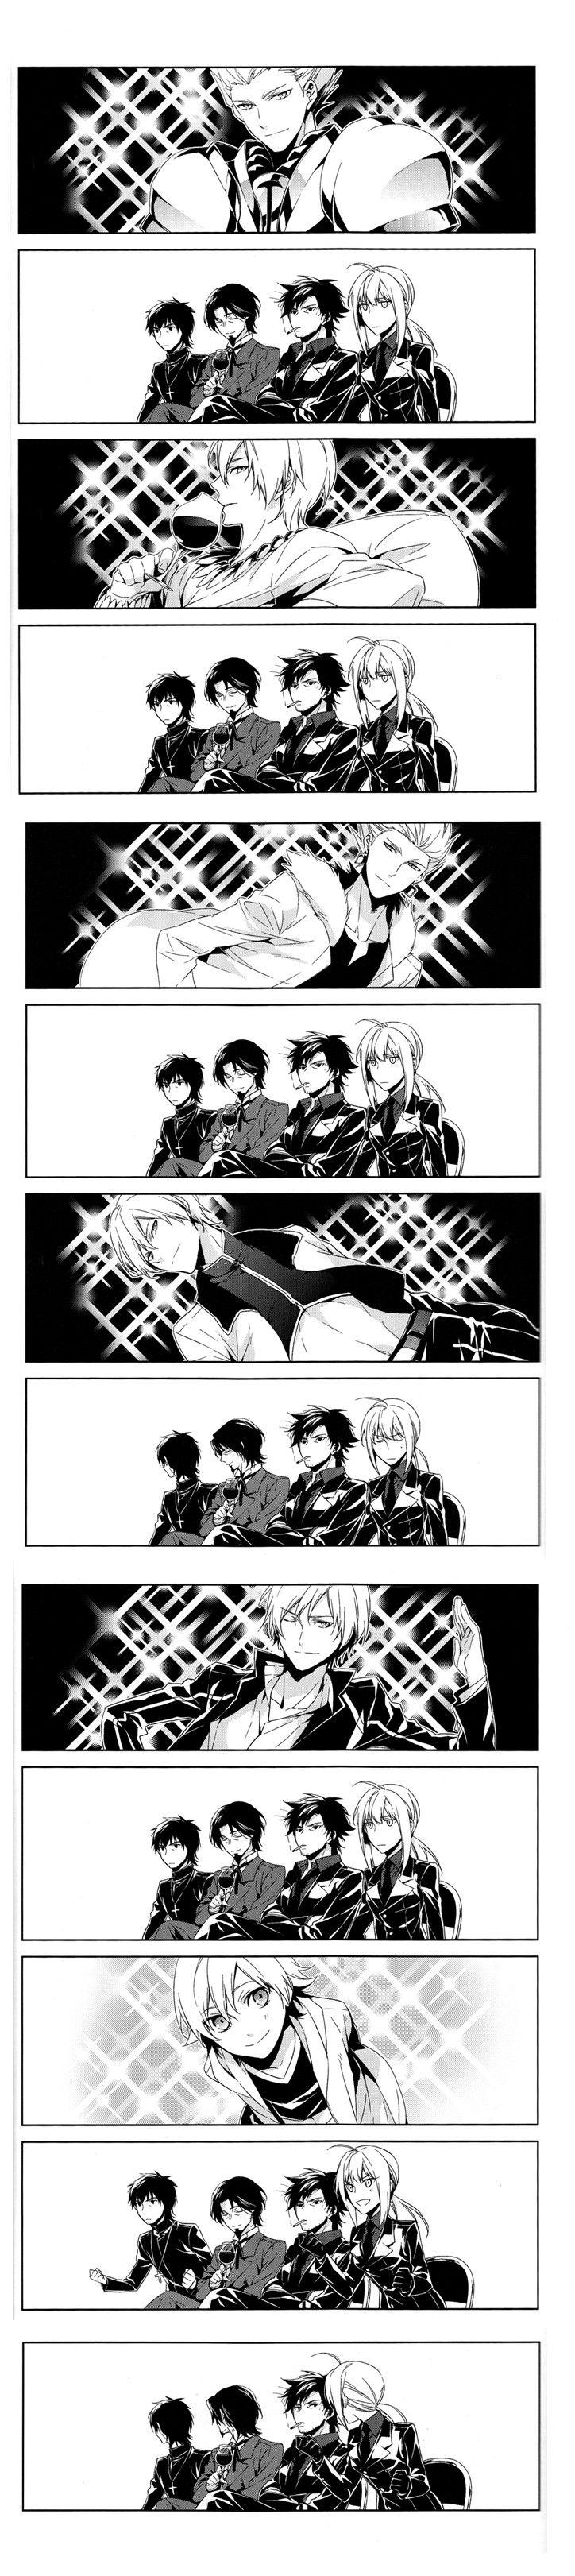 /Fate/zero/#1084816 - Zerochan